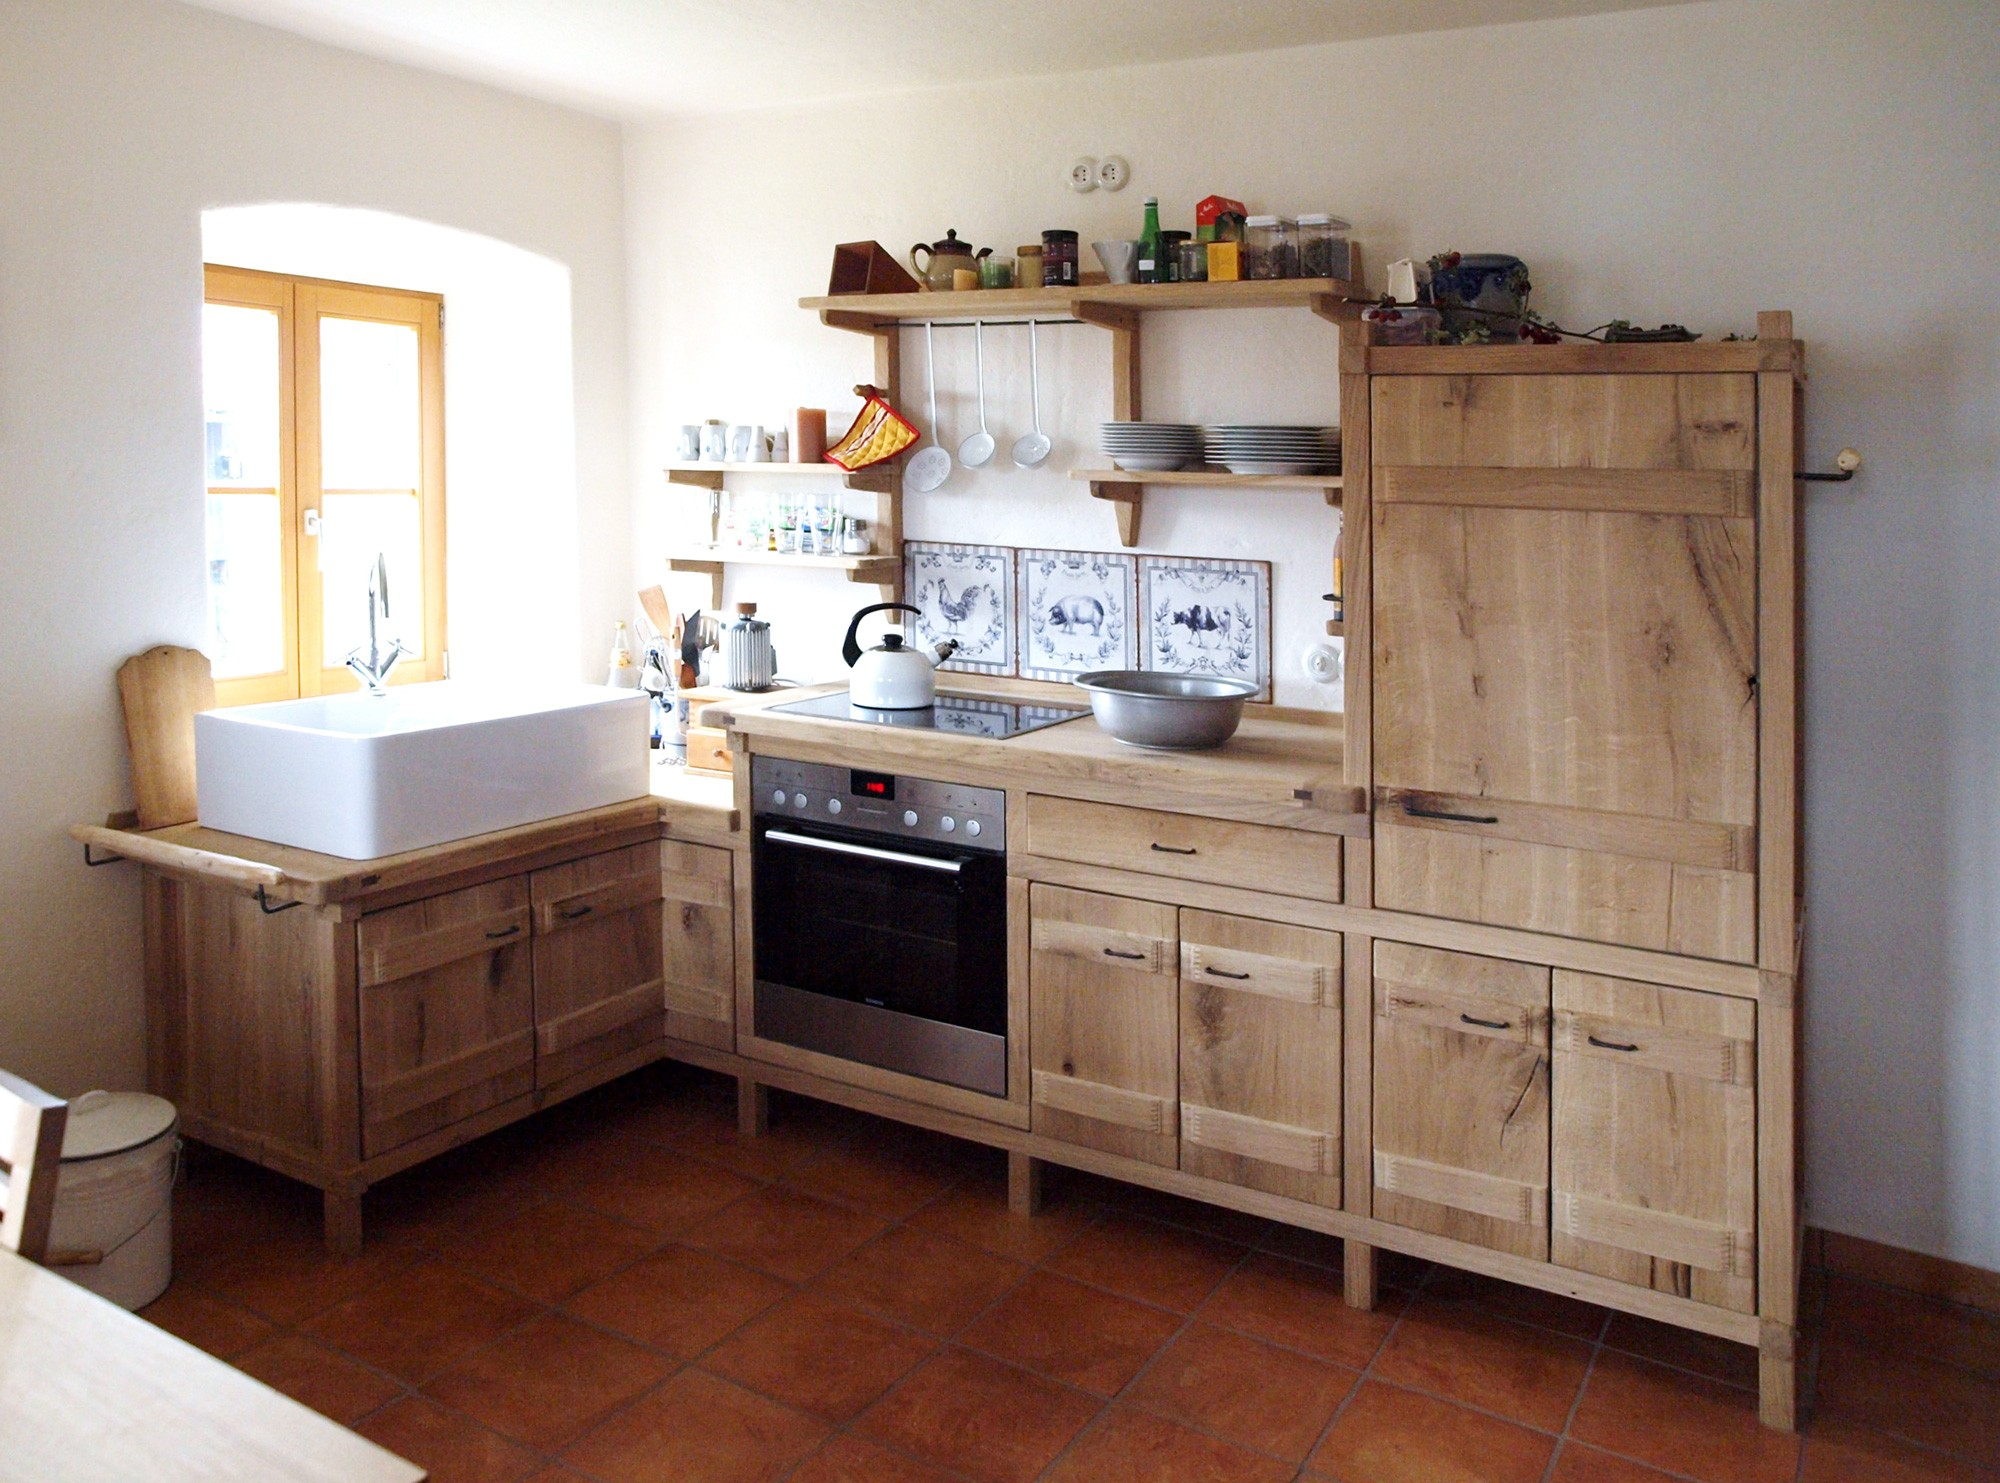 urspr ngliches handwerk seidl tradition und kunsthandwerk aus holz. Black Bedroom Furniture Sets. Home Design Ideas